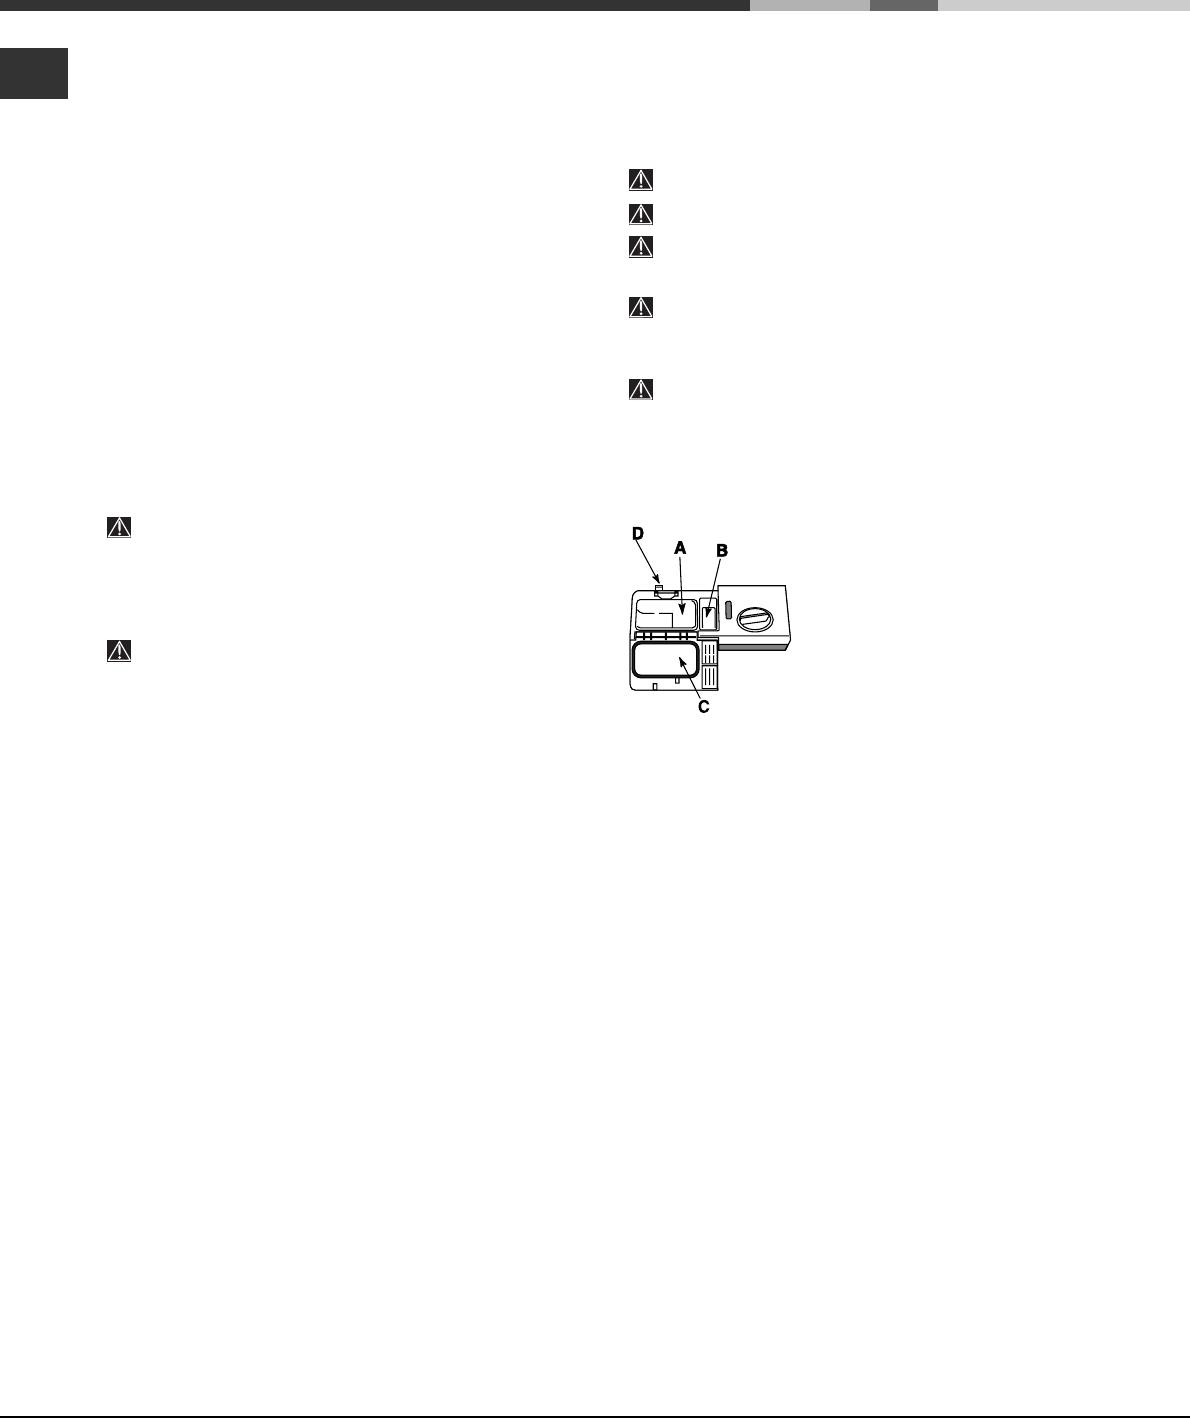 Hotpoint ariston vaatwasser lft 3214 handleiding